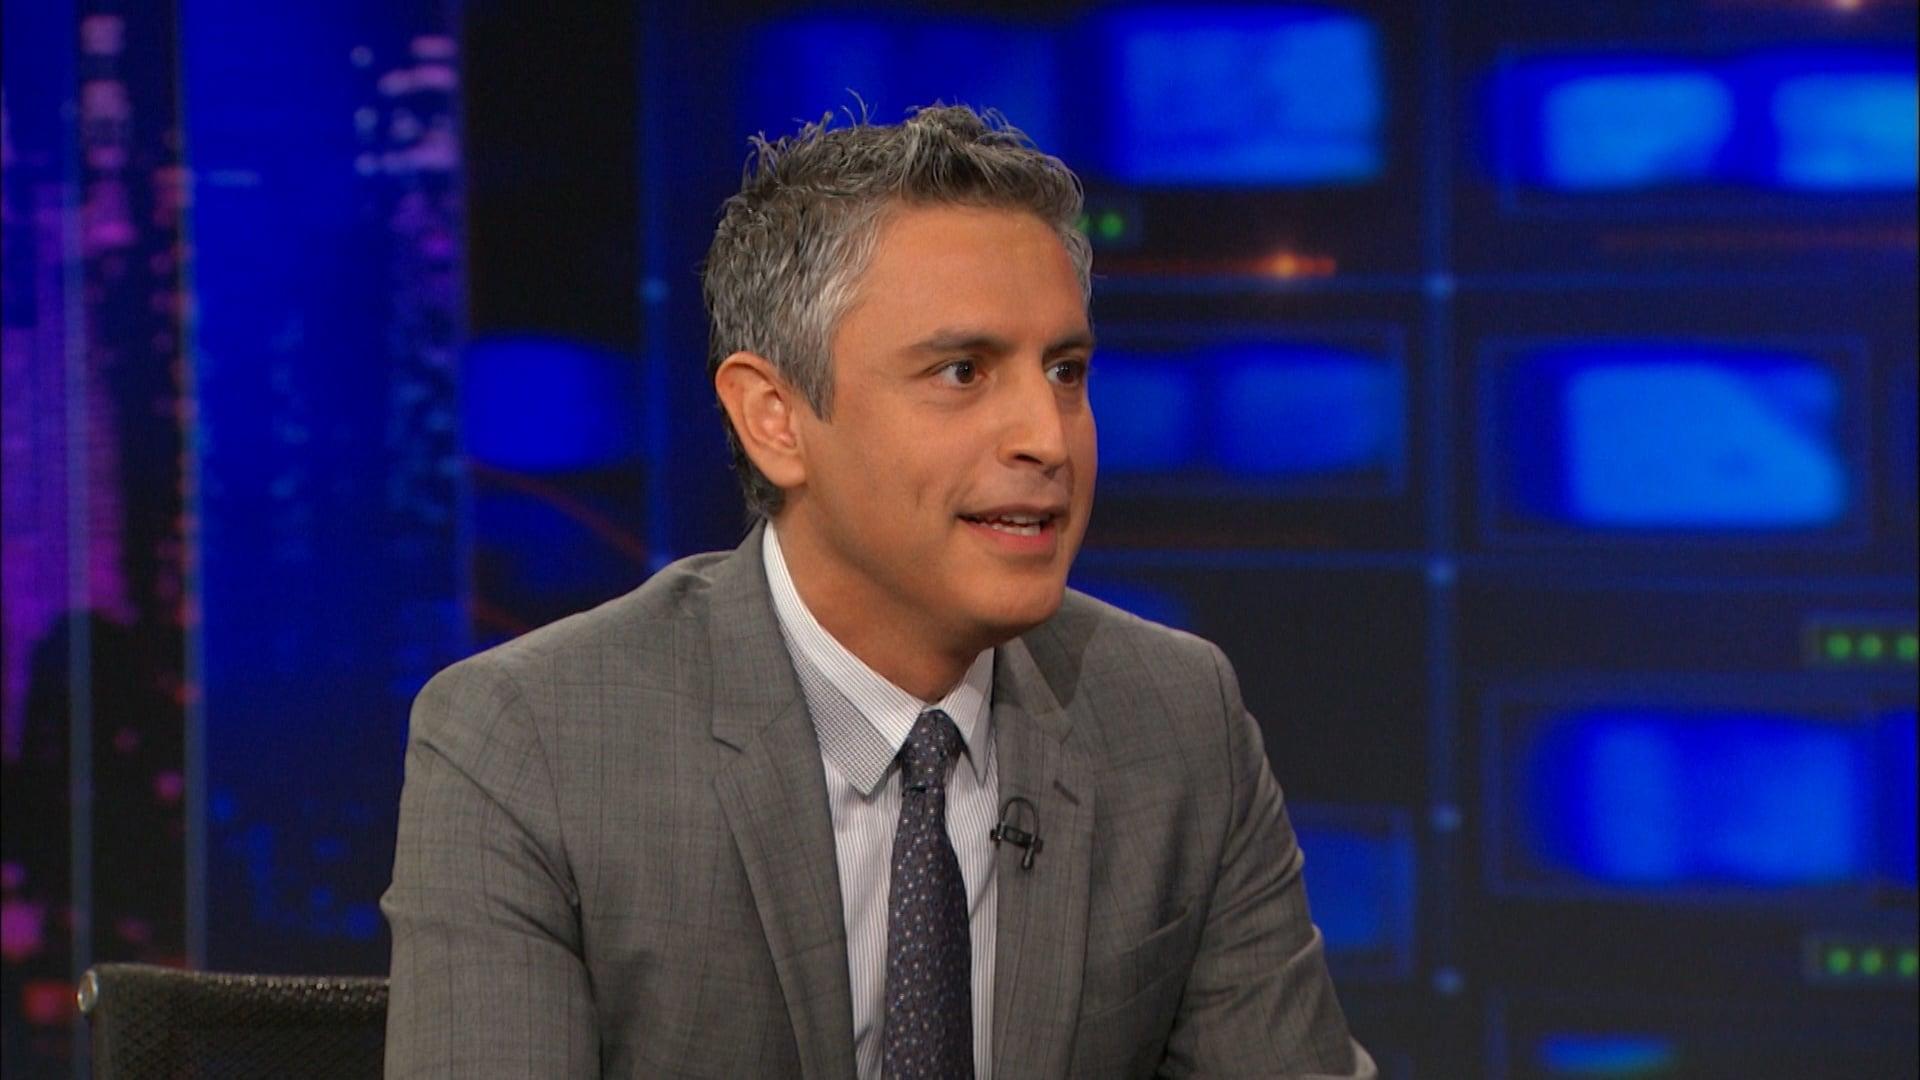 The Daily Show with Trevor Noah Season 20 :Episode 106  Reza Aslan